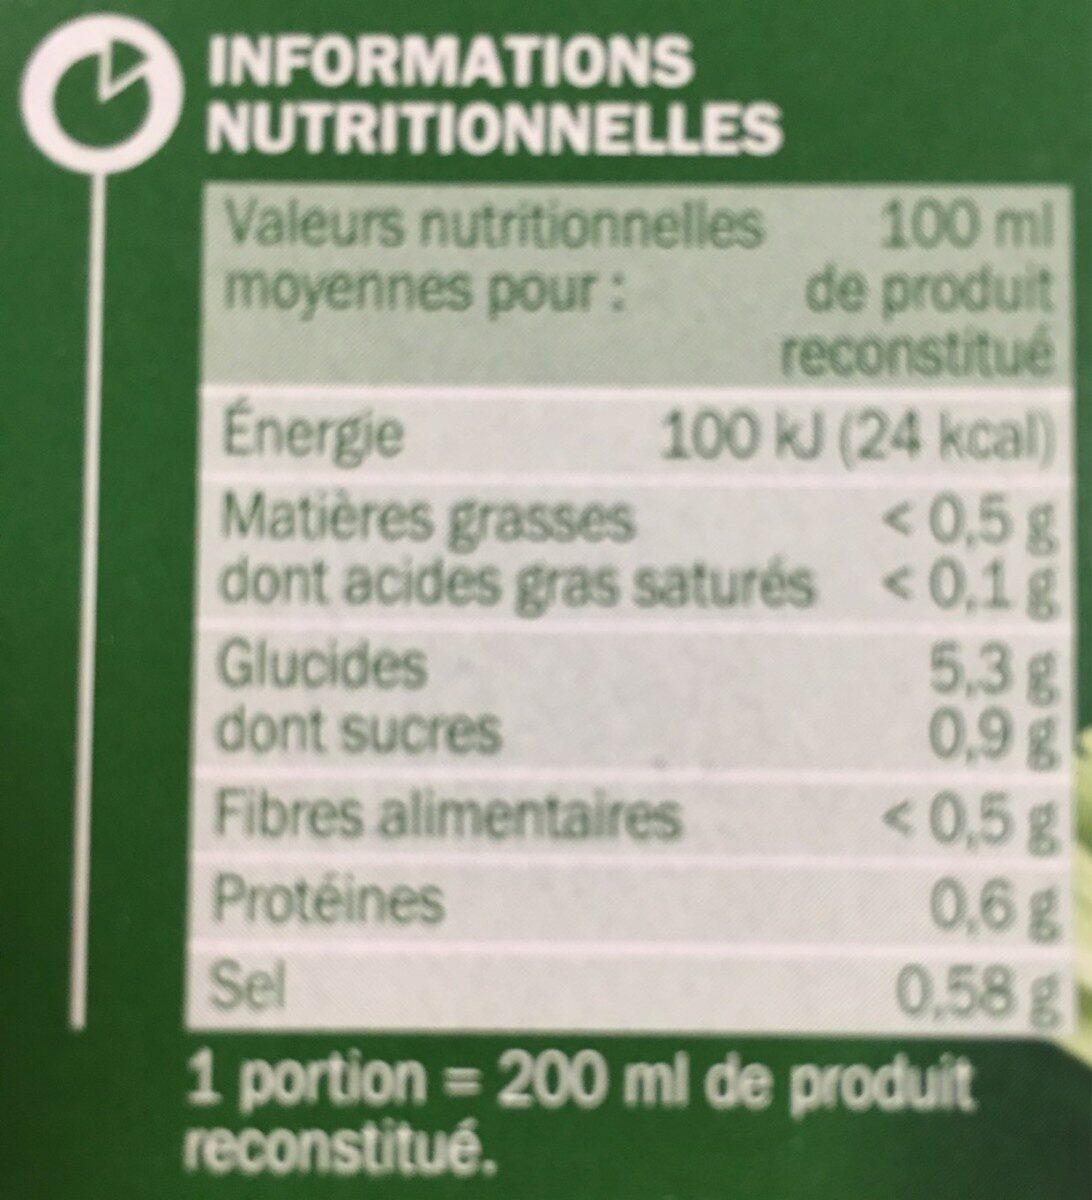 Velouté de légumes instantané - Informations nutritionnelles - fr